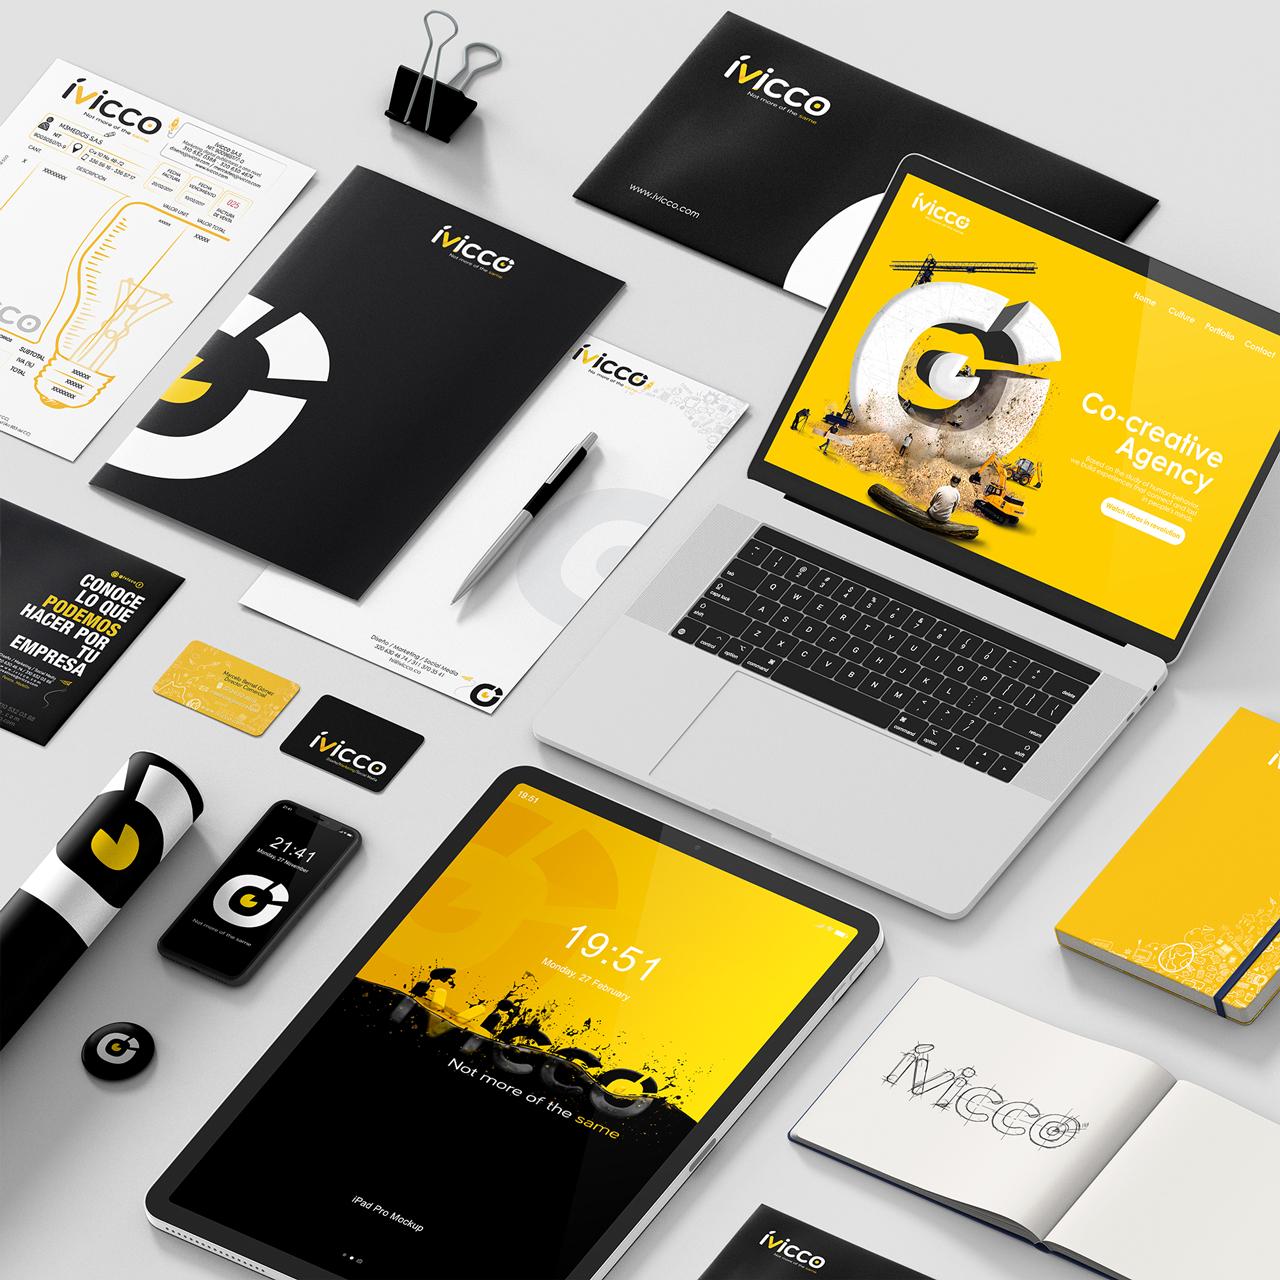 project-soon-marcelo